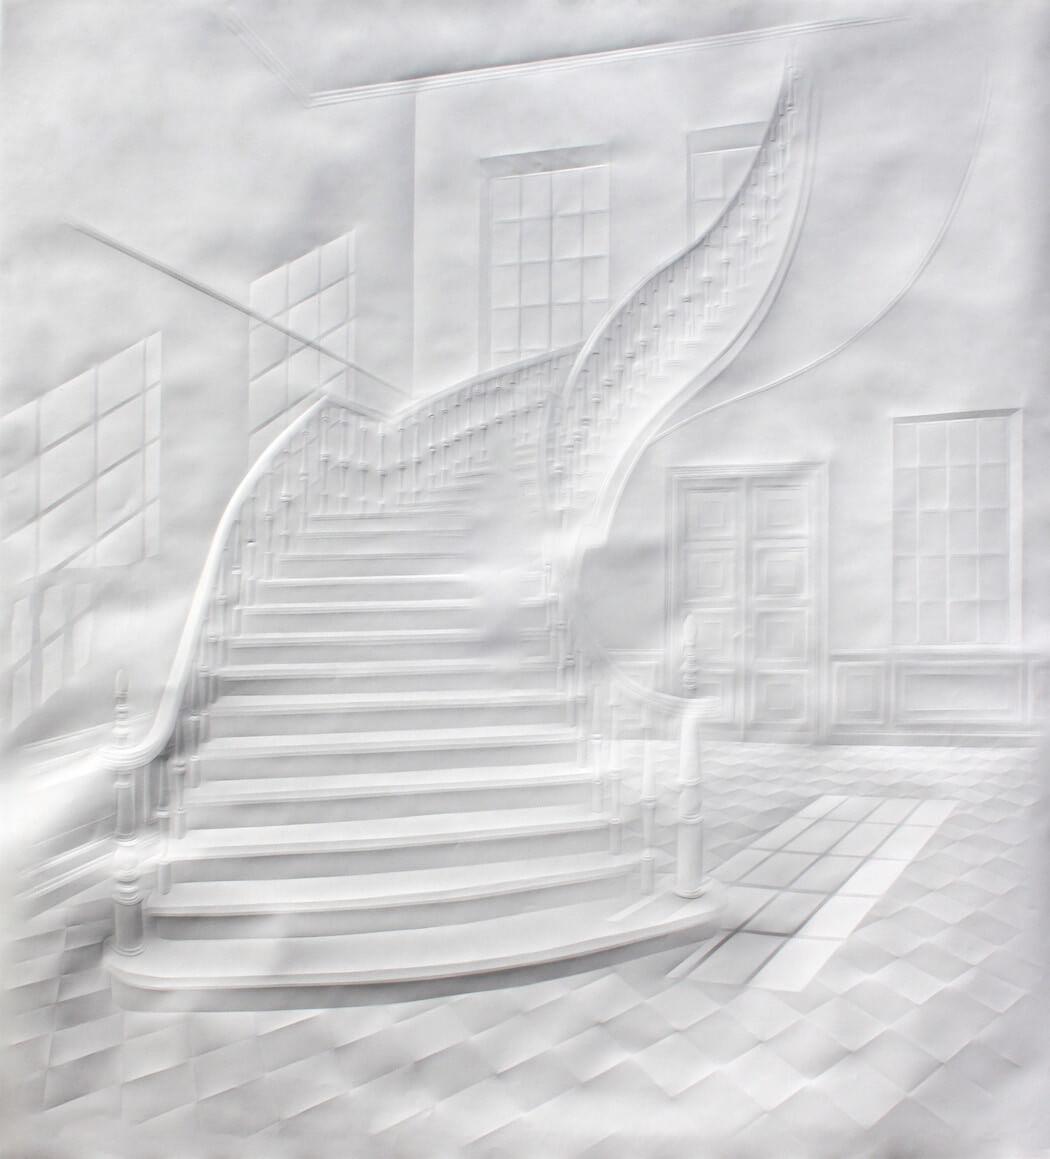 diseño-de-interiores-en-papel-3